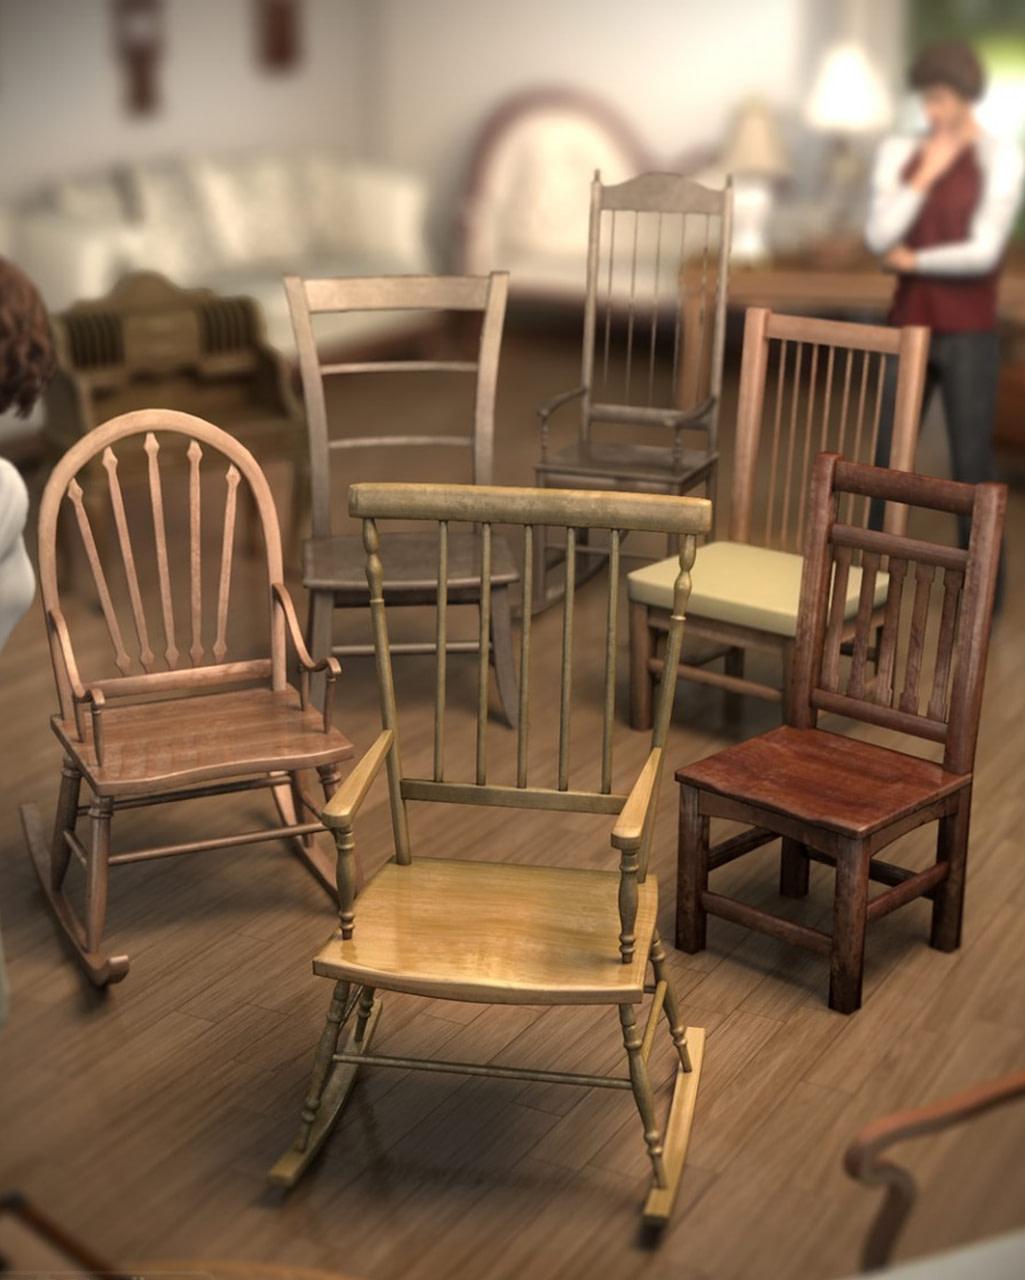 wooden chair 3d models